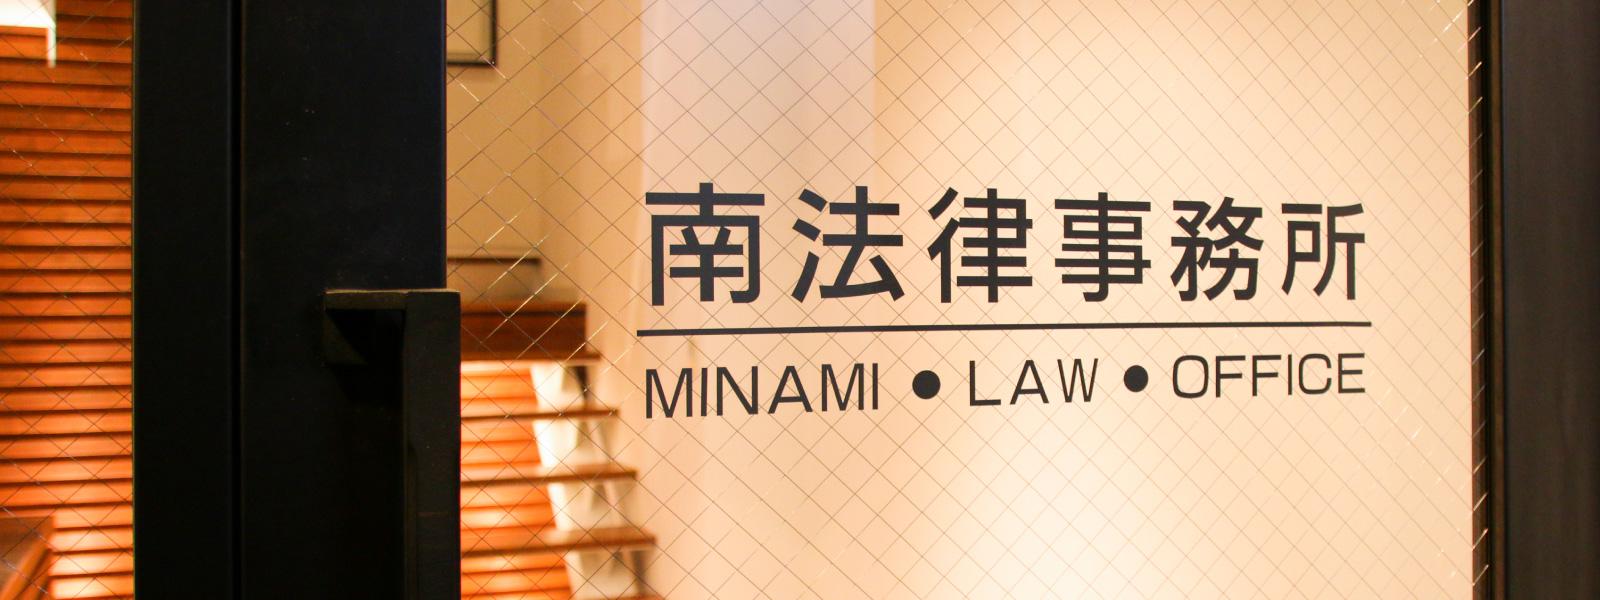 京都の南法律事務所_エントランス